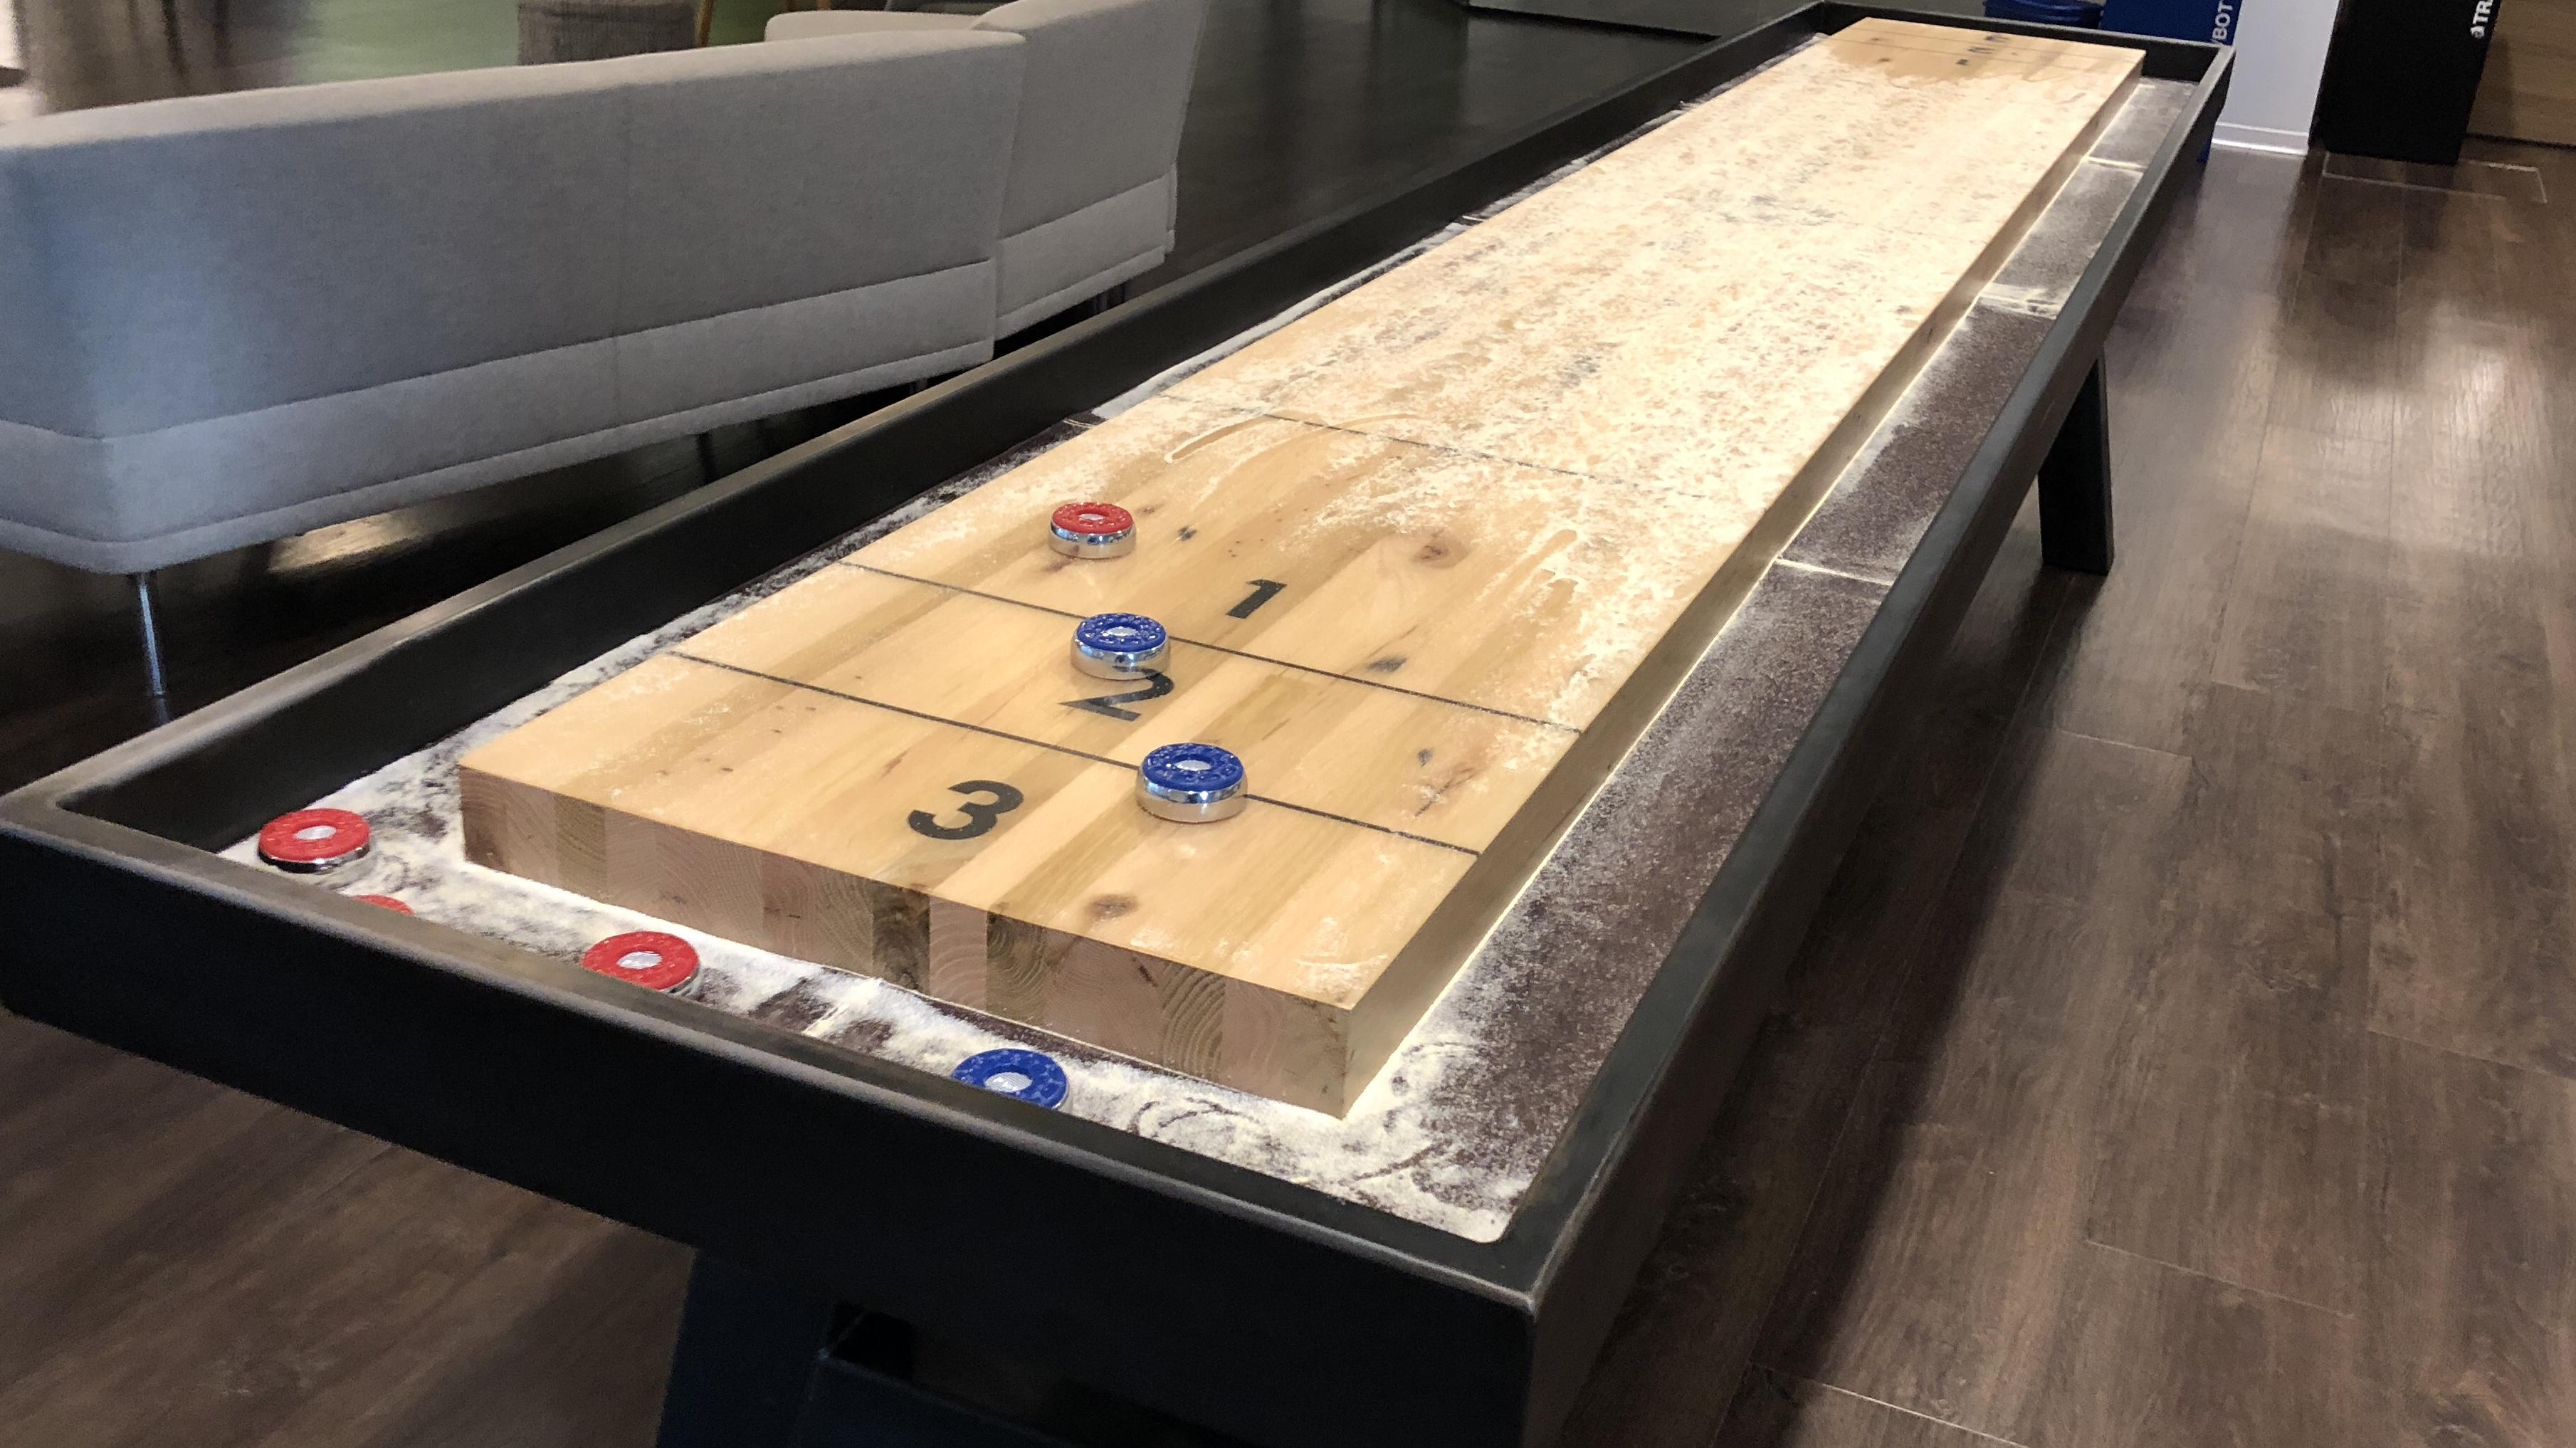 Shuffleboard Dimensions How Long Is A Shuffleboard Table